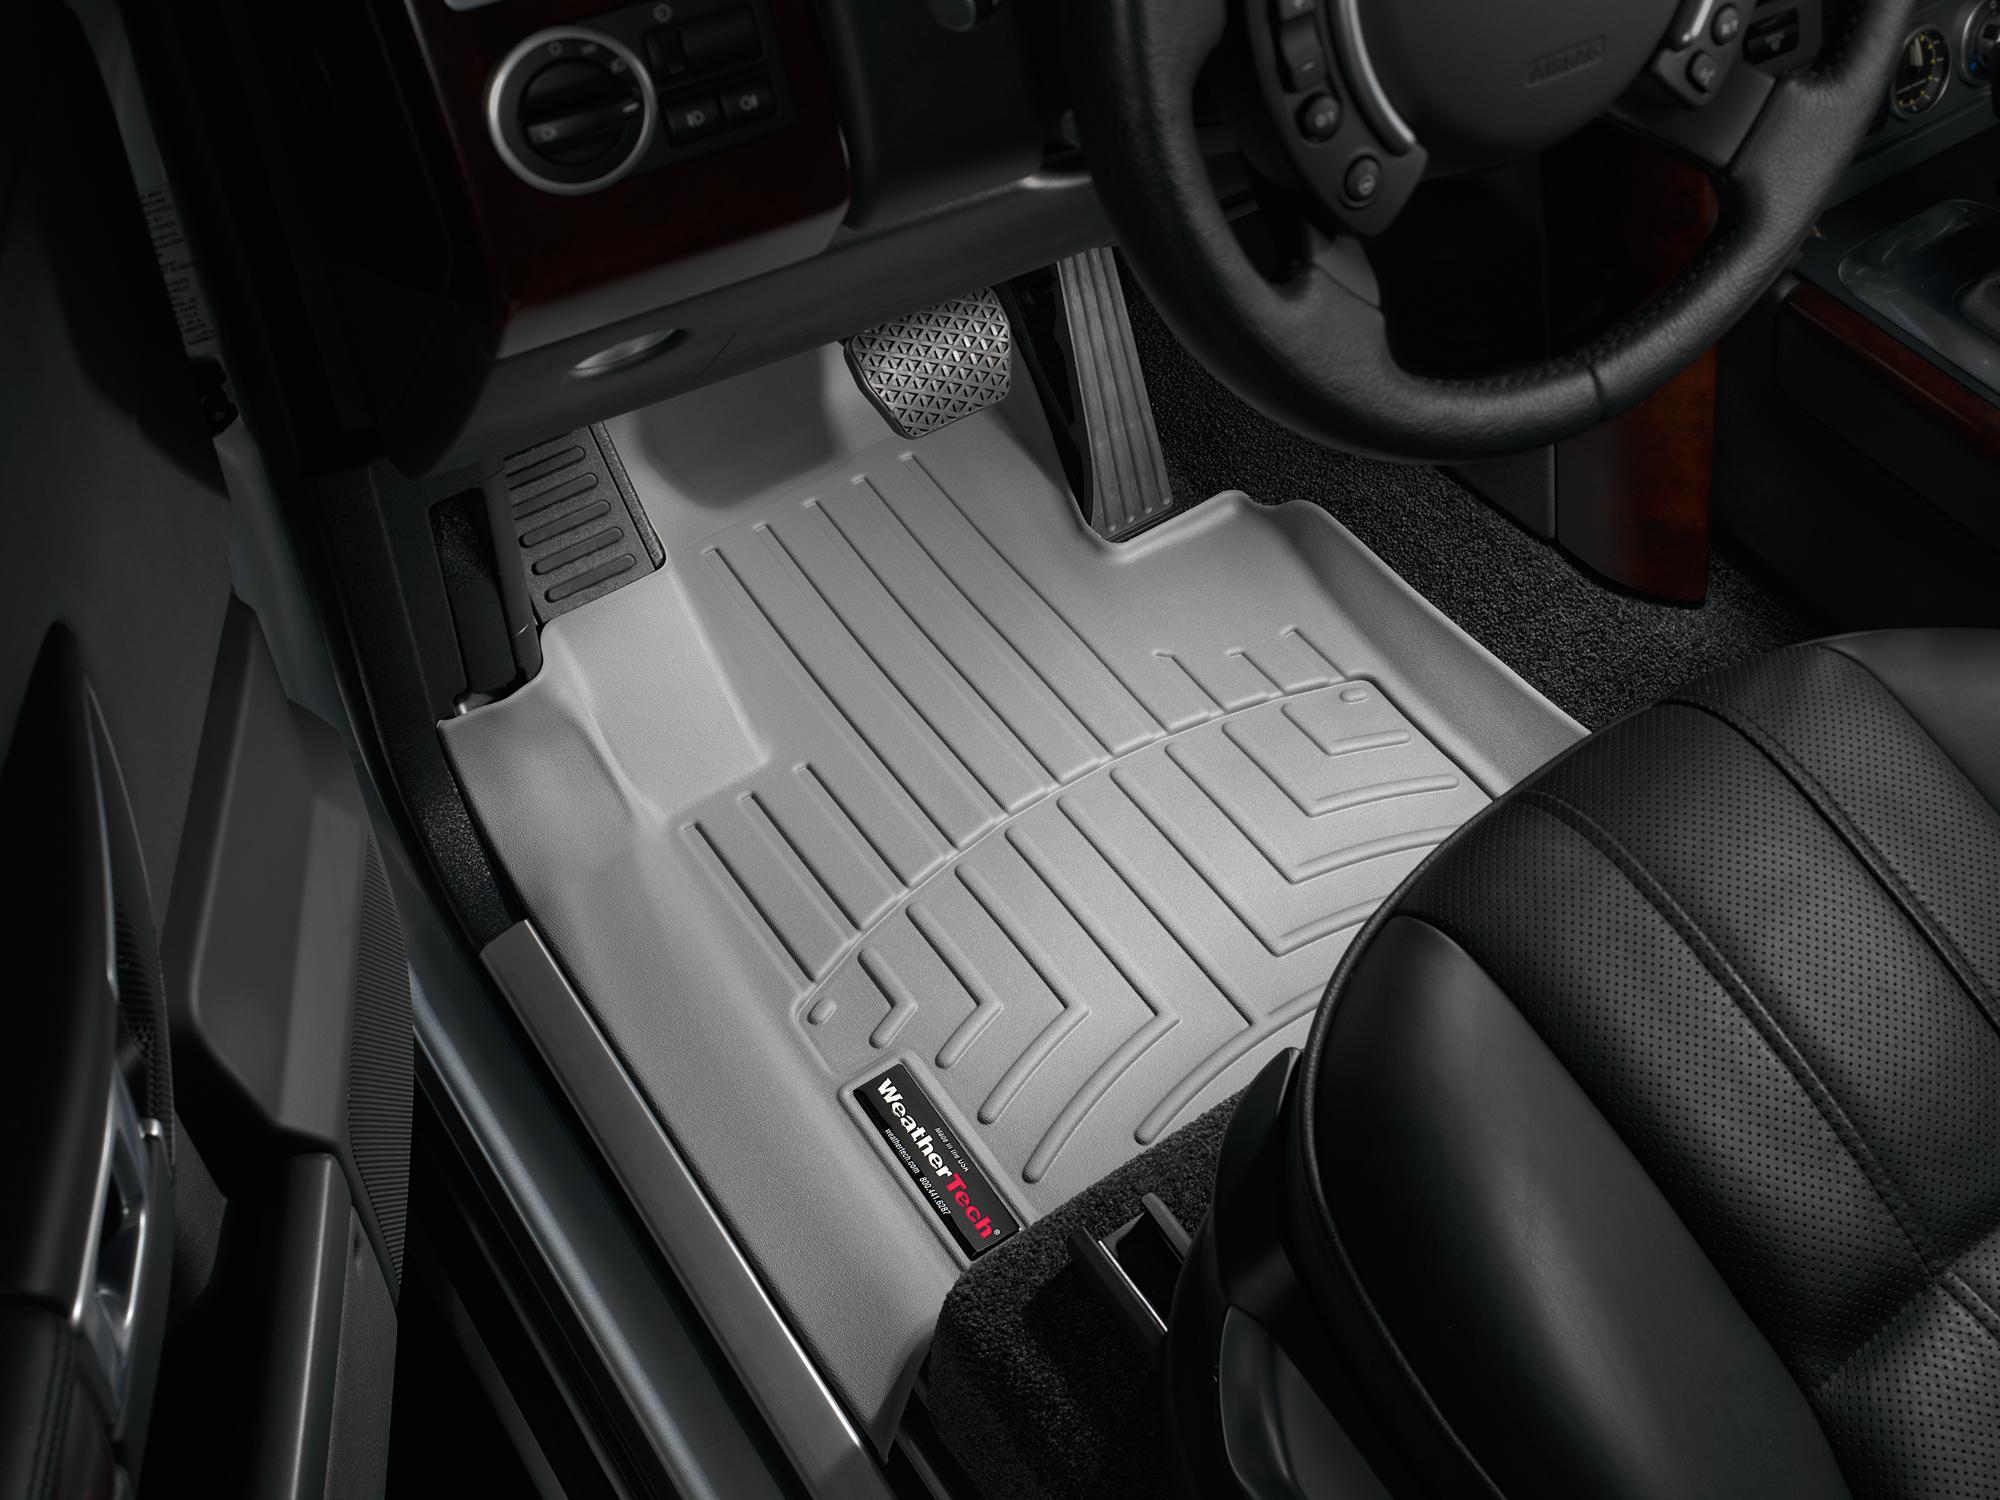 Tappeti gomma su misura bordo alto Land Rover 03>09 Grigio A1899*